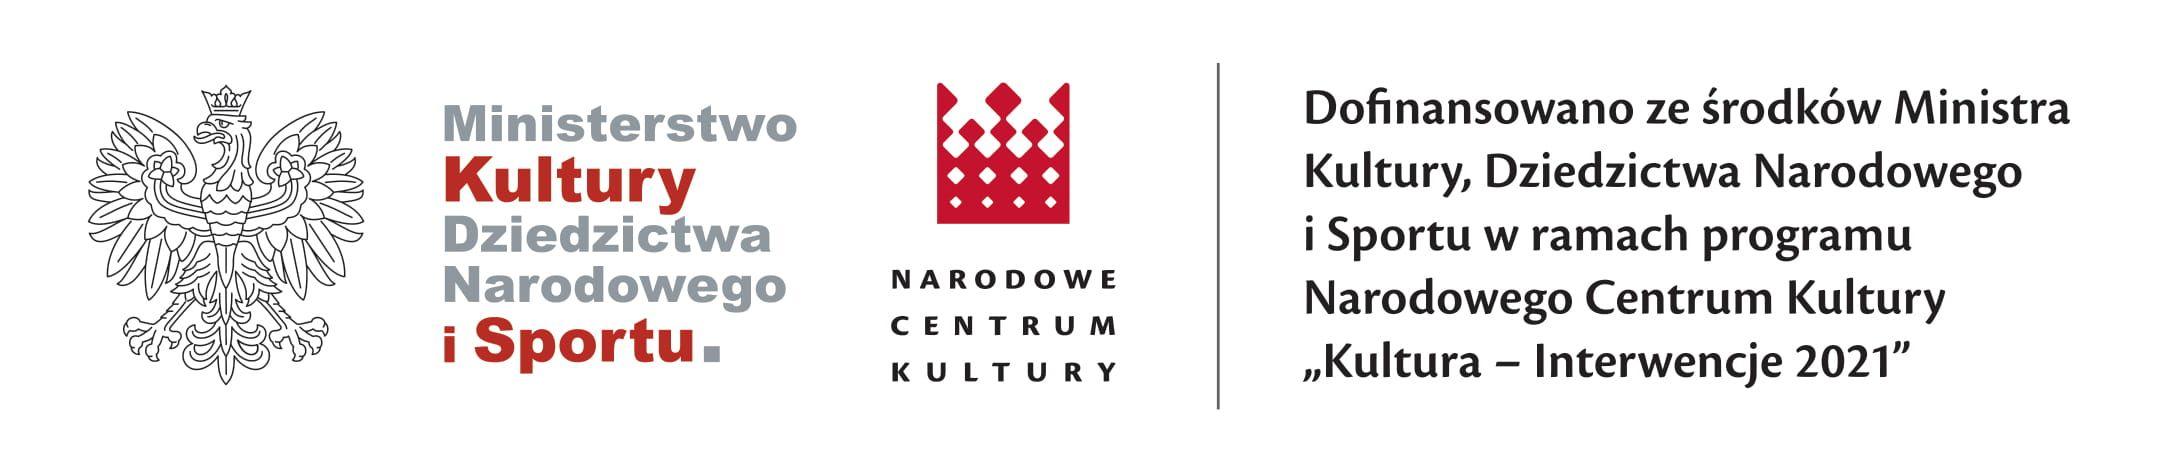 Baner zlogotypami Narodowego Centrum Kultury iMinisterstwa Kultury.